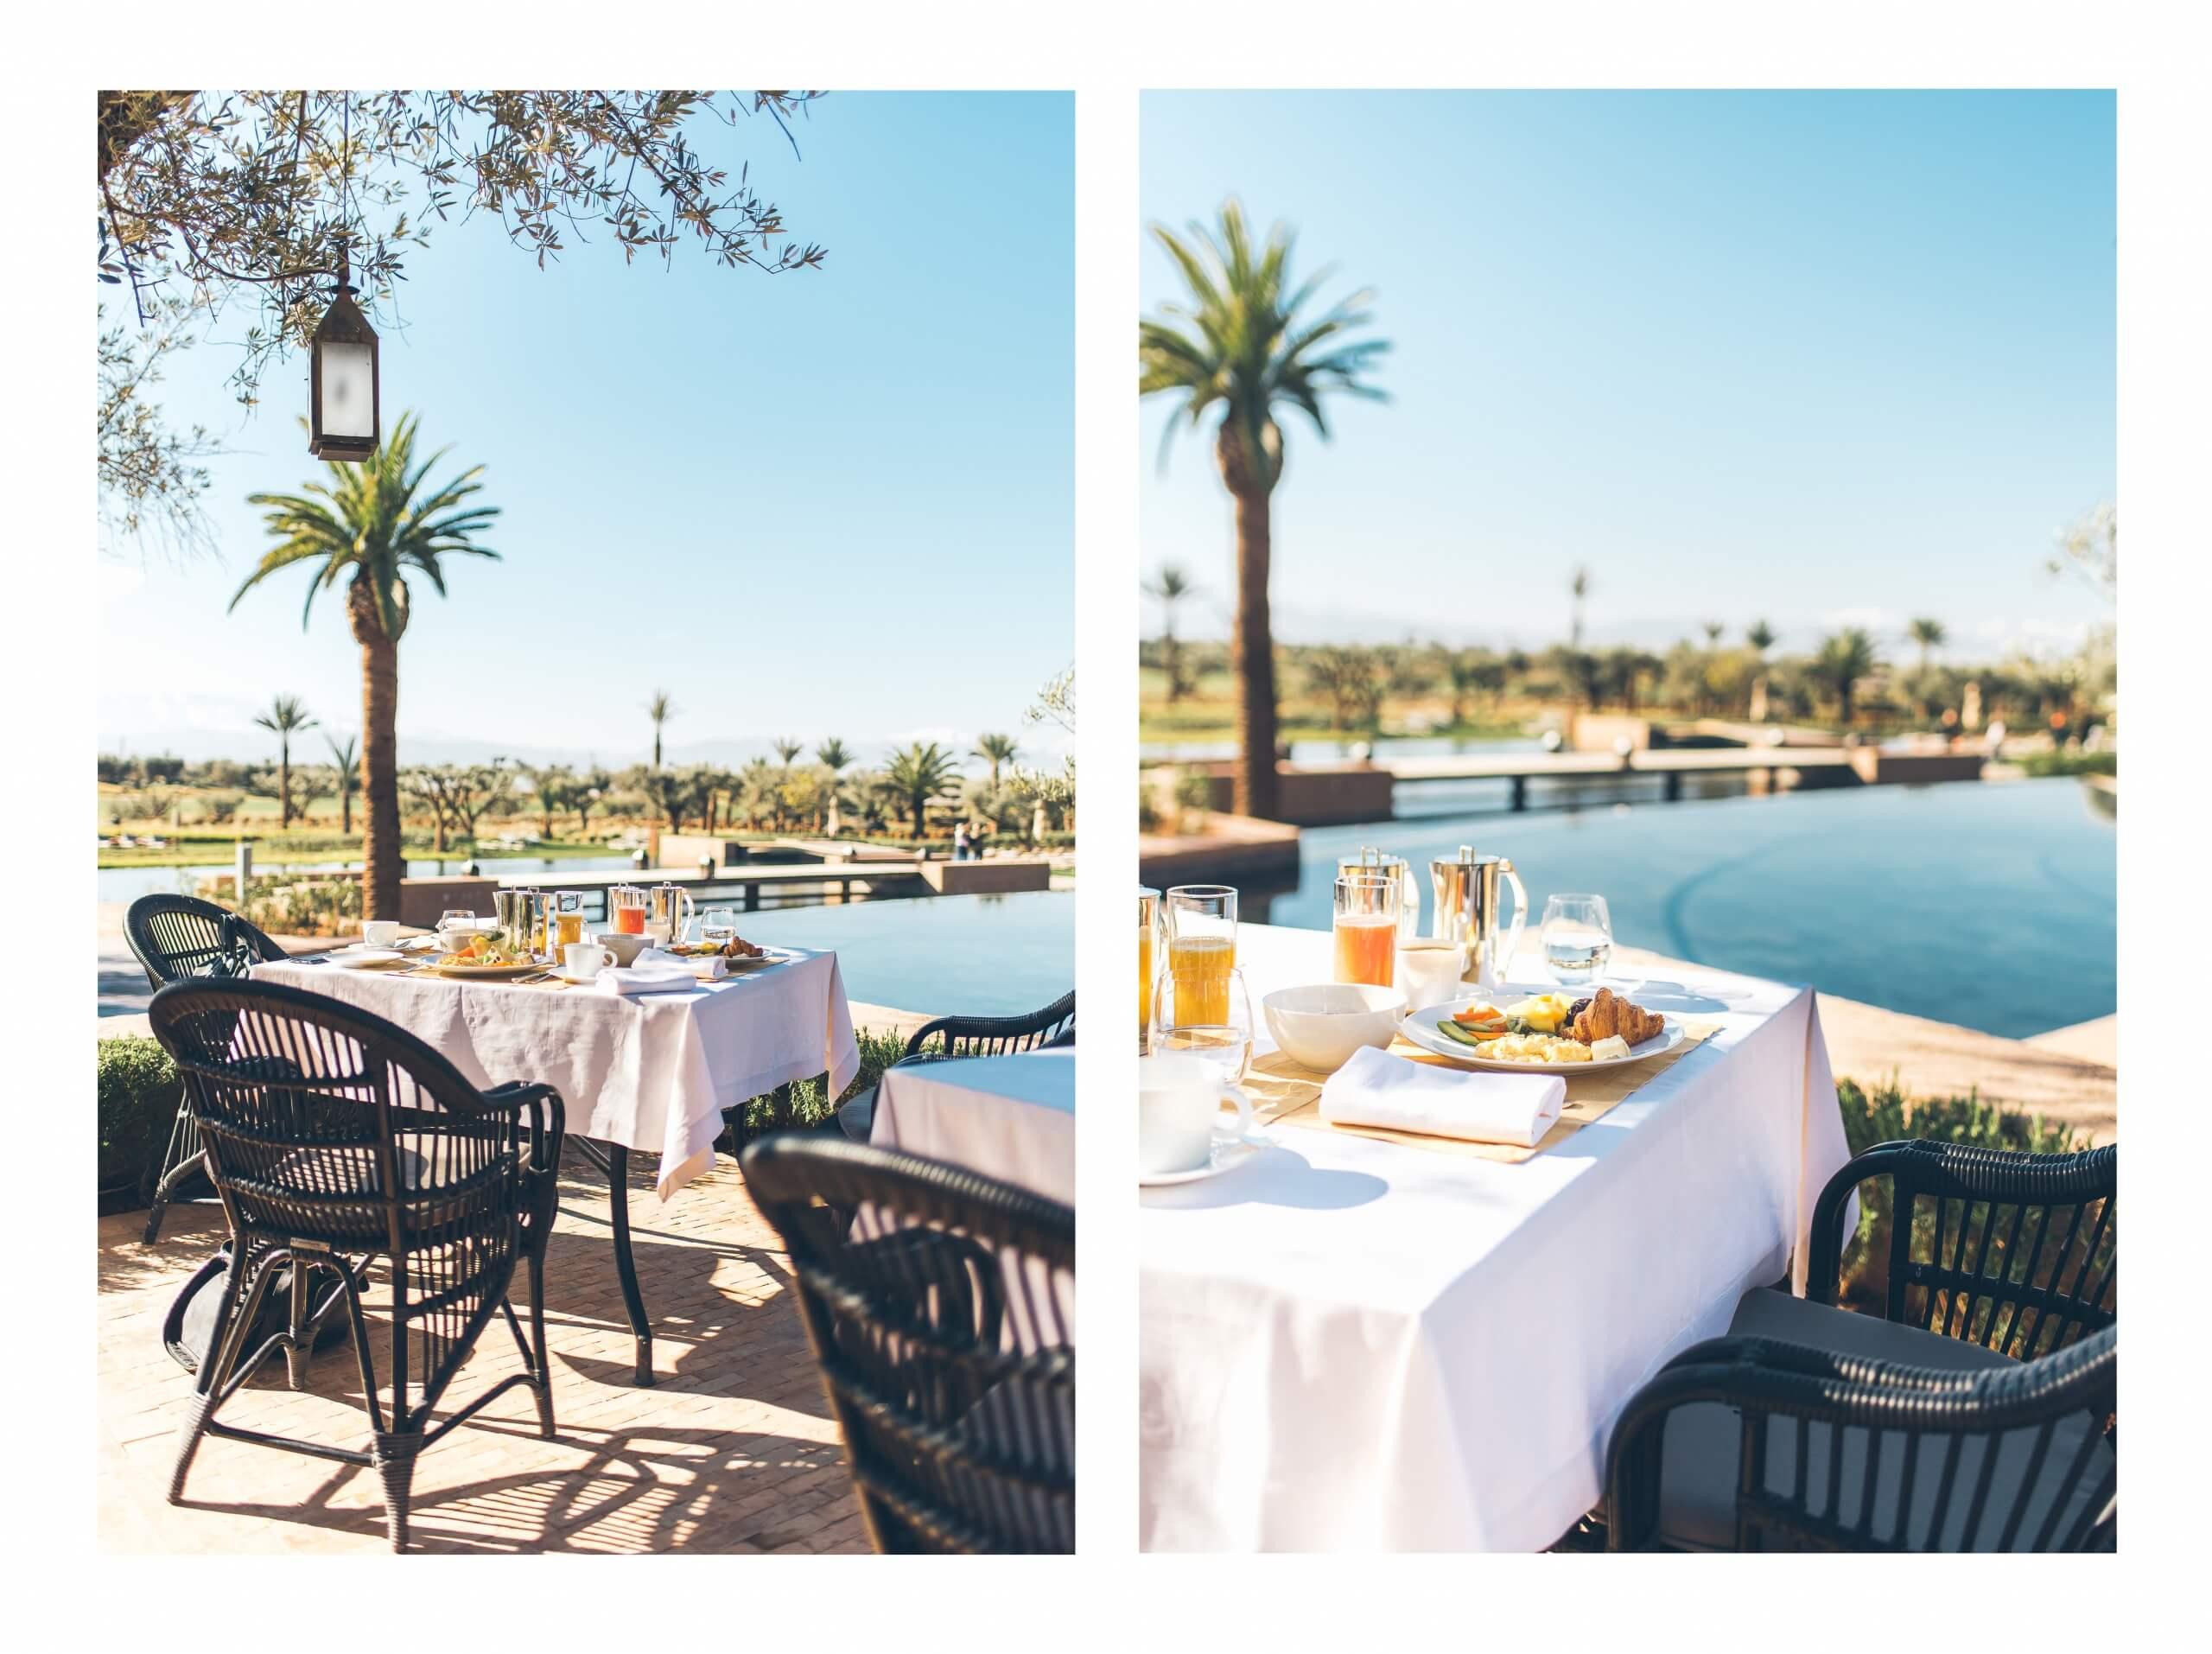 janni-deler-pool-breakfastDSC_9667 copy